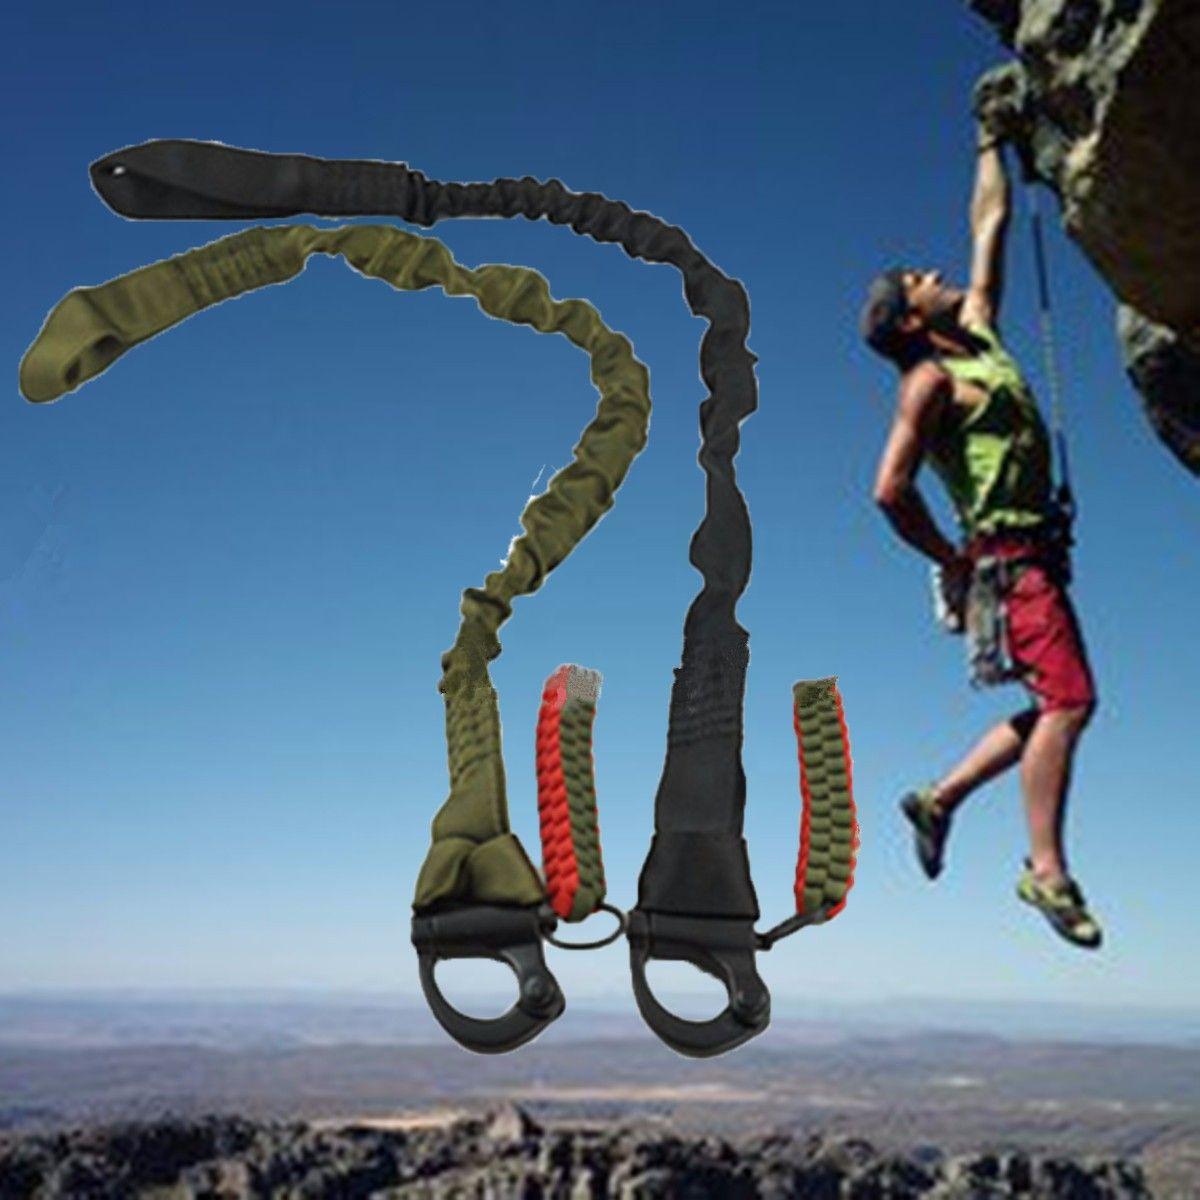 Hochwertige Outdoor Klettern montage Sicherheit Lanyard Gurt Seil Taktische Schutz Schlinge Linie Klettern Seil klettern kit